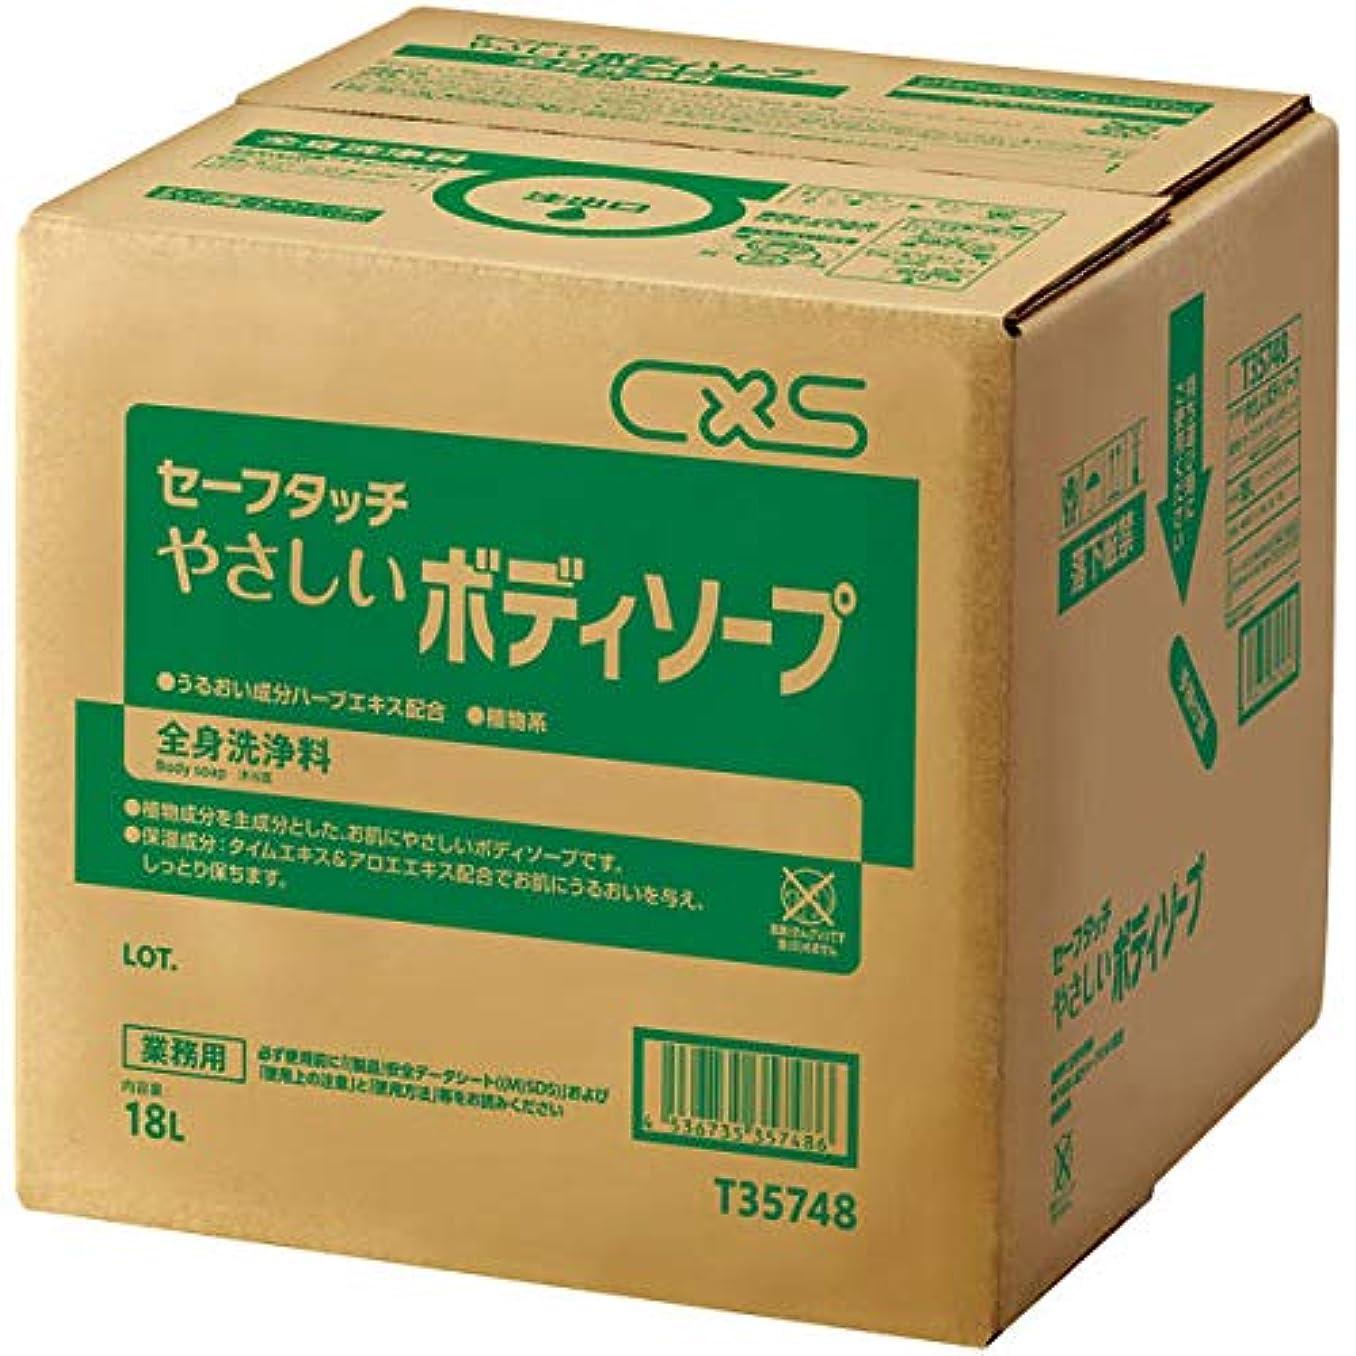 取得するソーセージオークランドシーバイエス 全身洗浄料セーフタッチやさしいボディソープ 18L (T35748) 1個